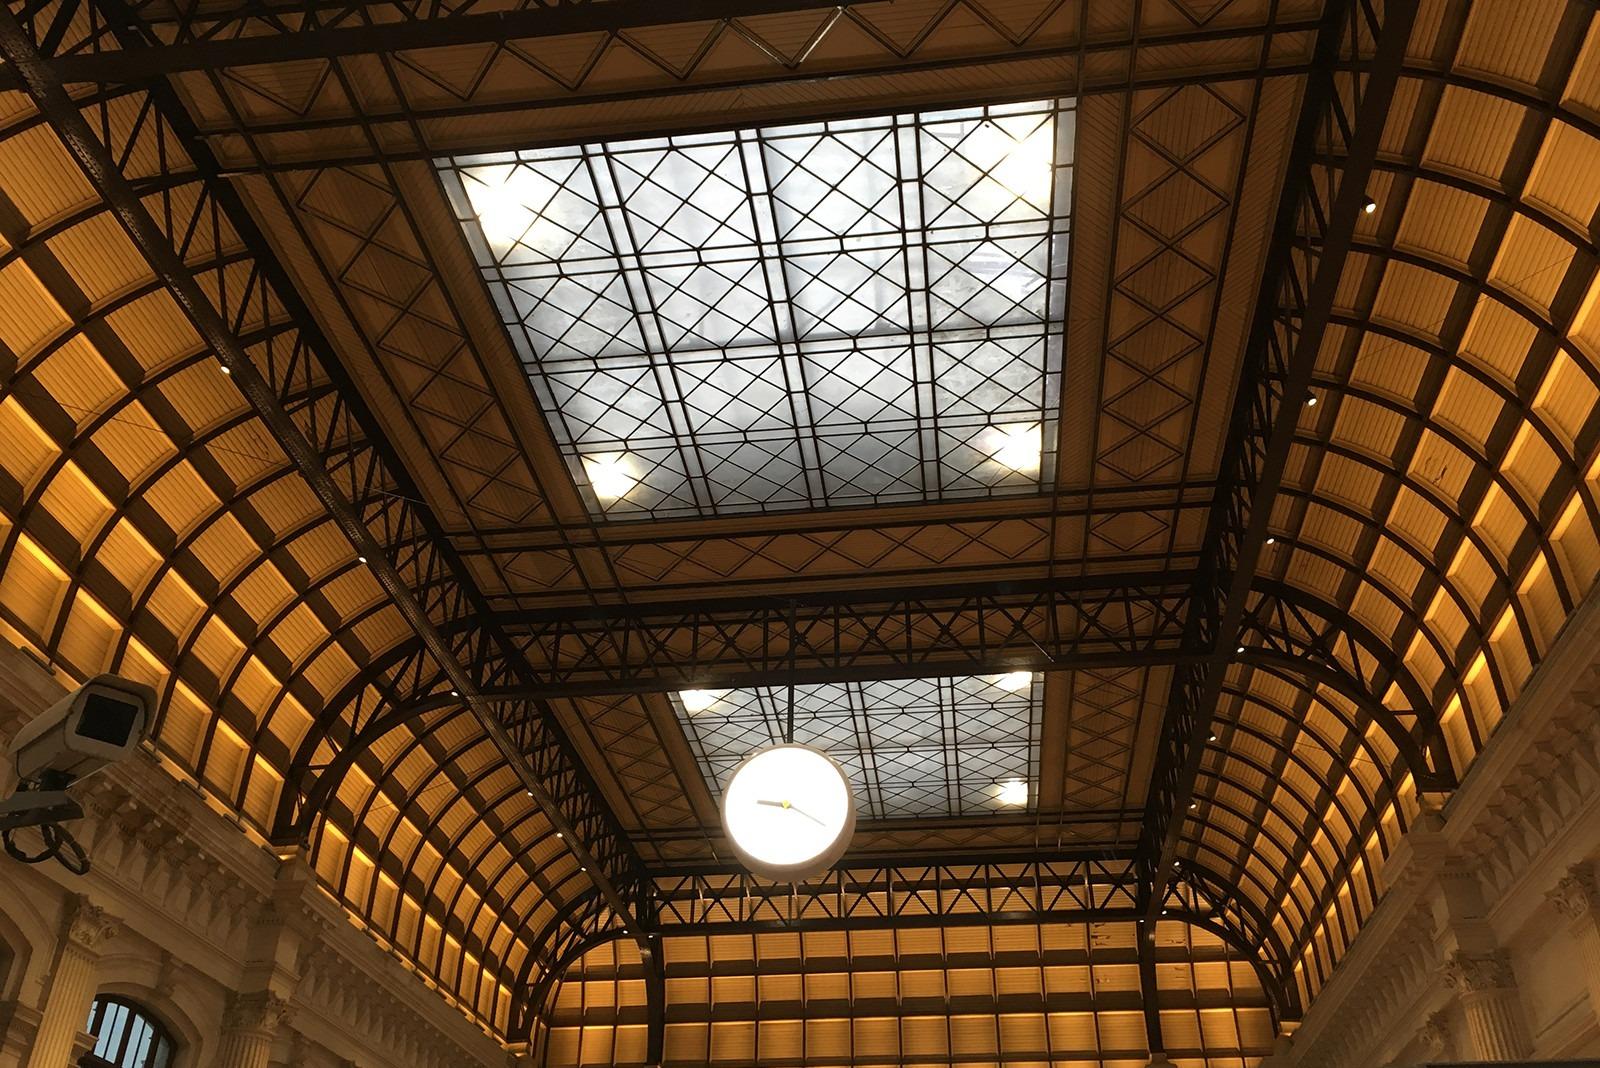 Plafond de la gare SNCF de Bordeaux St Jean